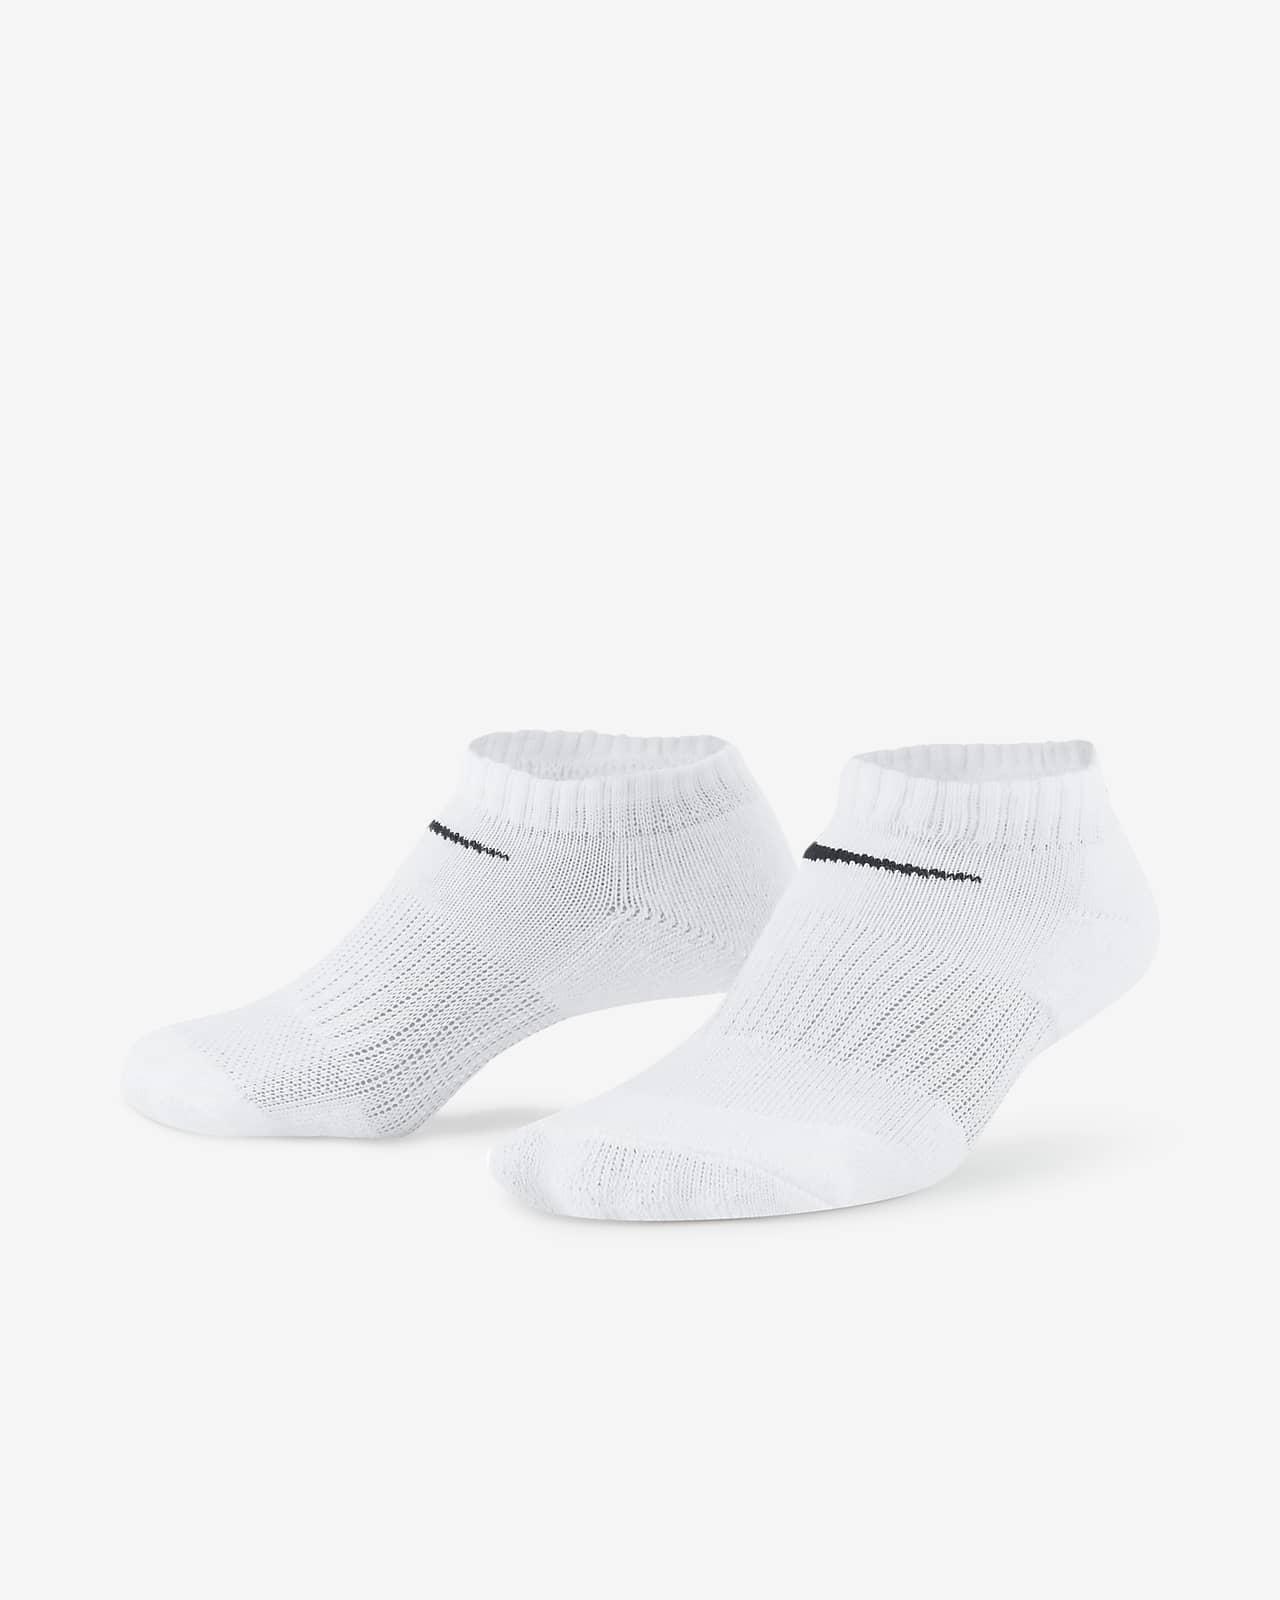 Nike Dri-FIT Little Kids' No-Show Socks (3 Pairs)